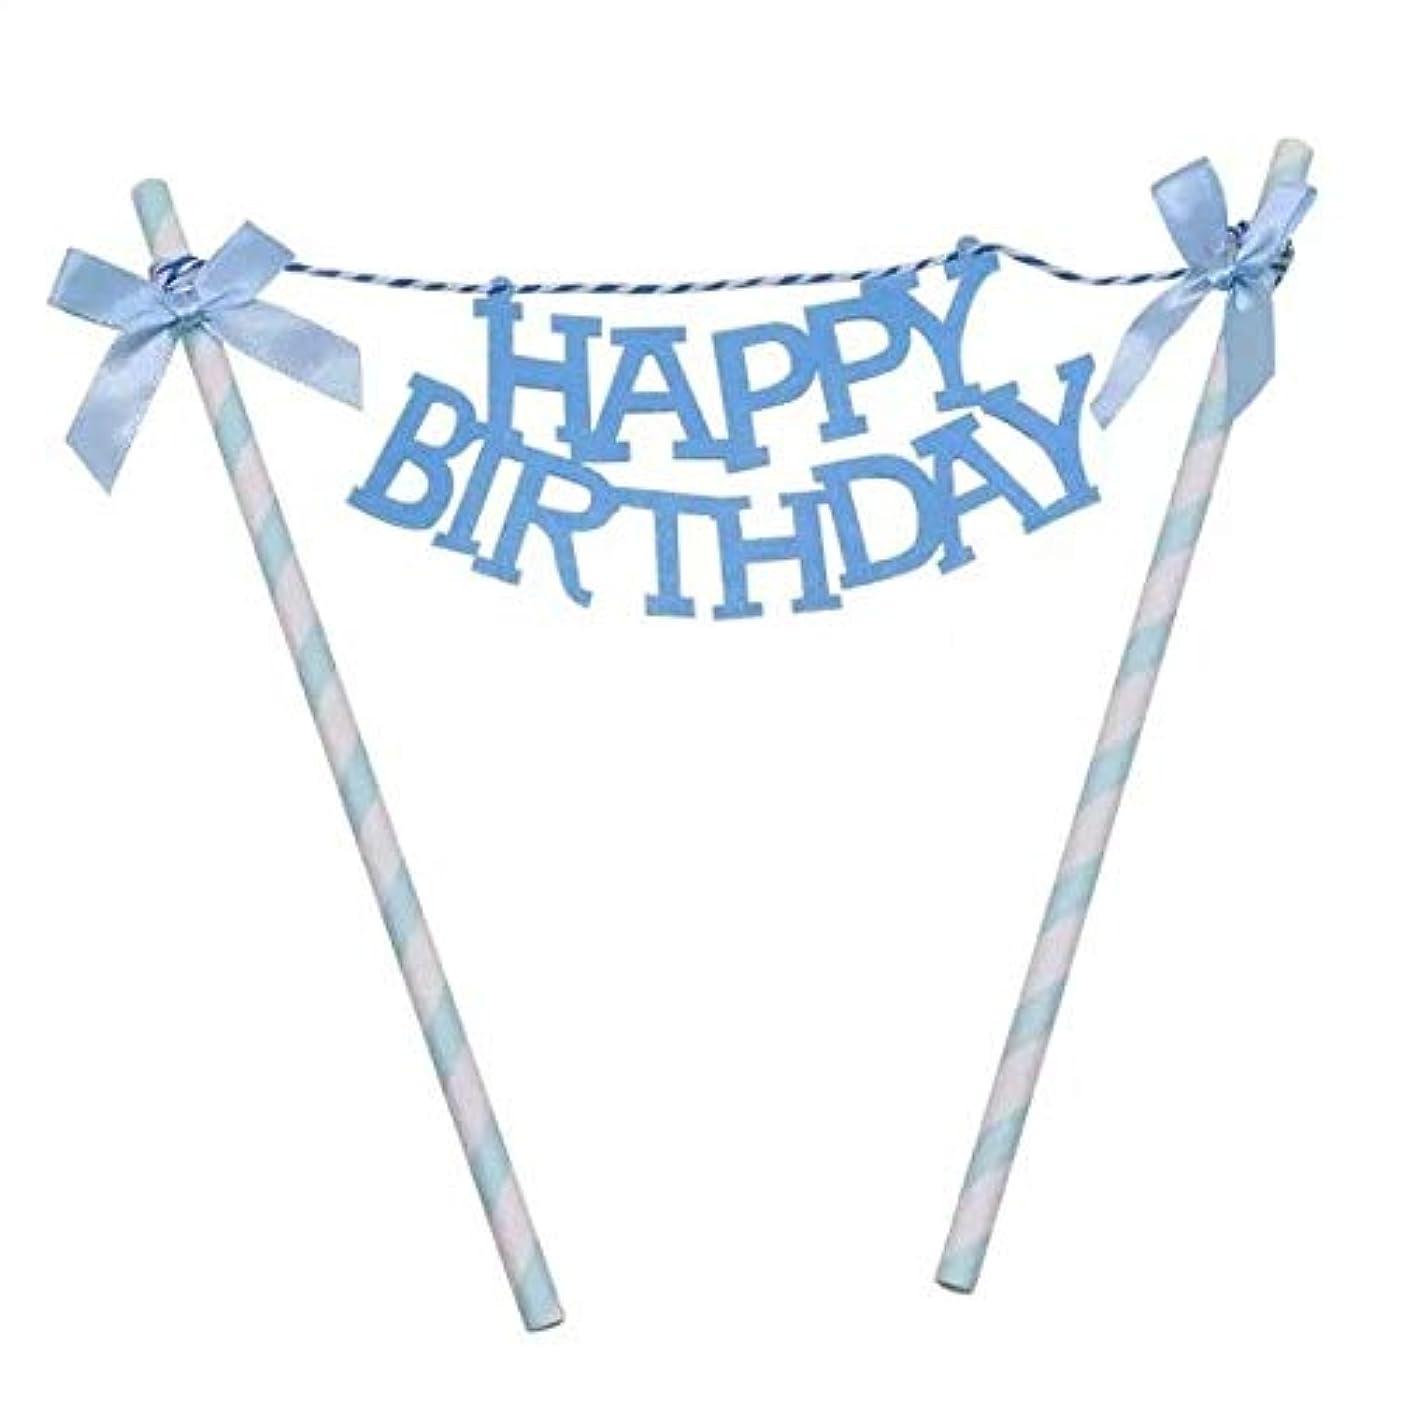 リップ封建許されるケーキ デコレーション Happy Birthday 誕生日 ケーキトッパー バースデー お誕生日 結婚 結婚式 記念日 イベント パーティー 写真撮影 ((水色)Happy Birthday)